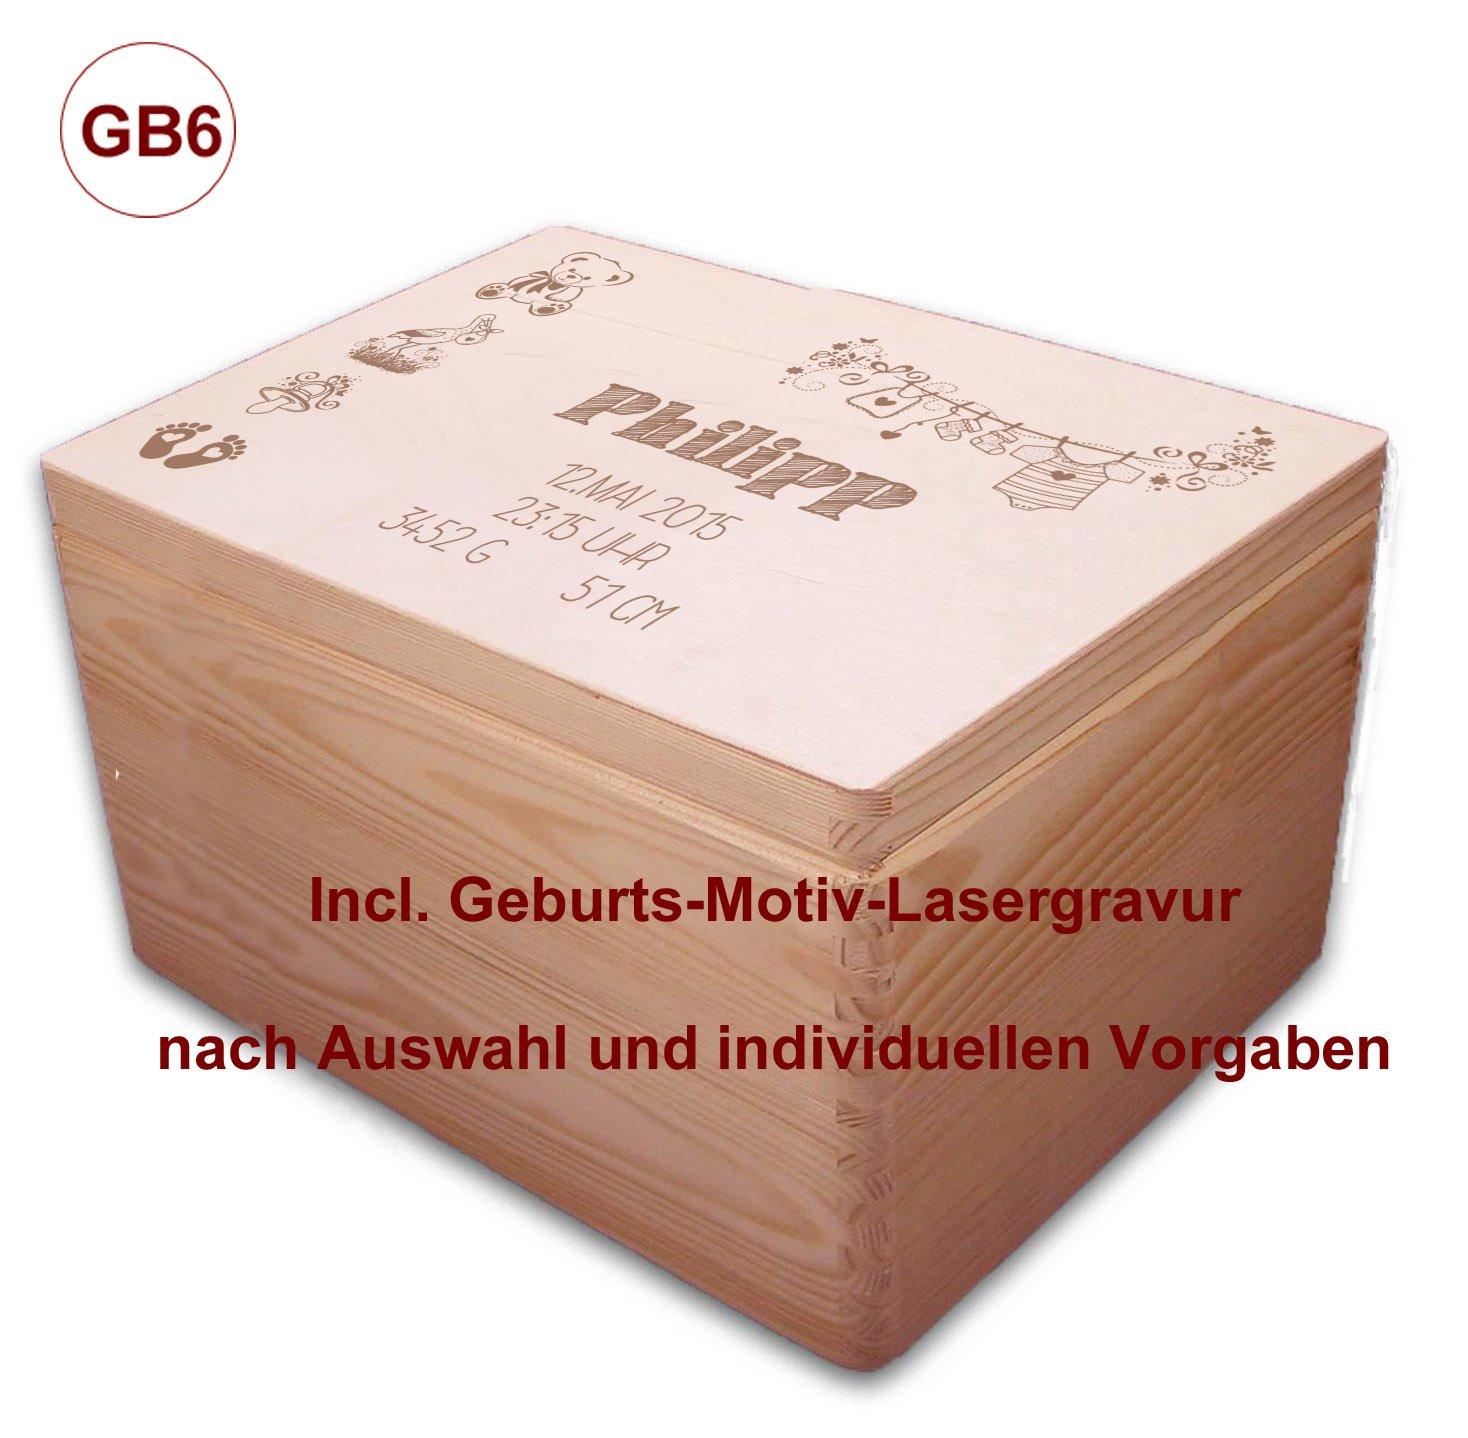 Auswahl-Lasergravur Kiefer incl GB6 MidaCreativ zur Geburt 3 gro/ße Holz-Geschenkbox Gr